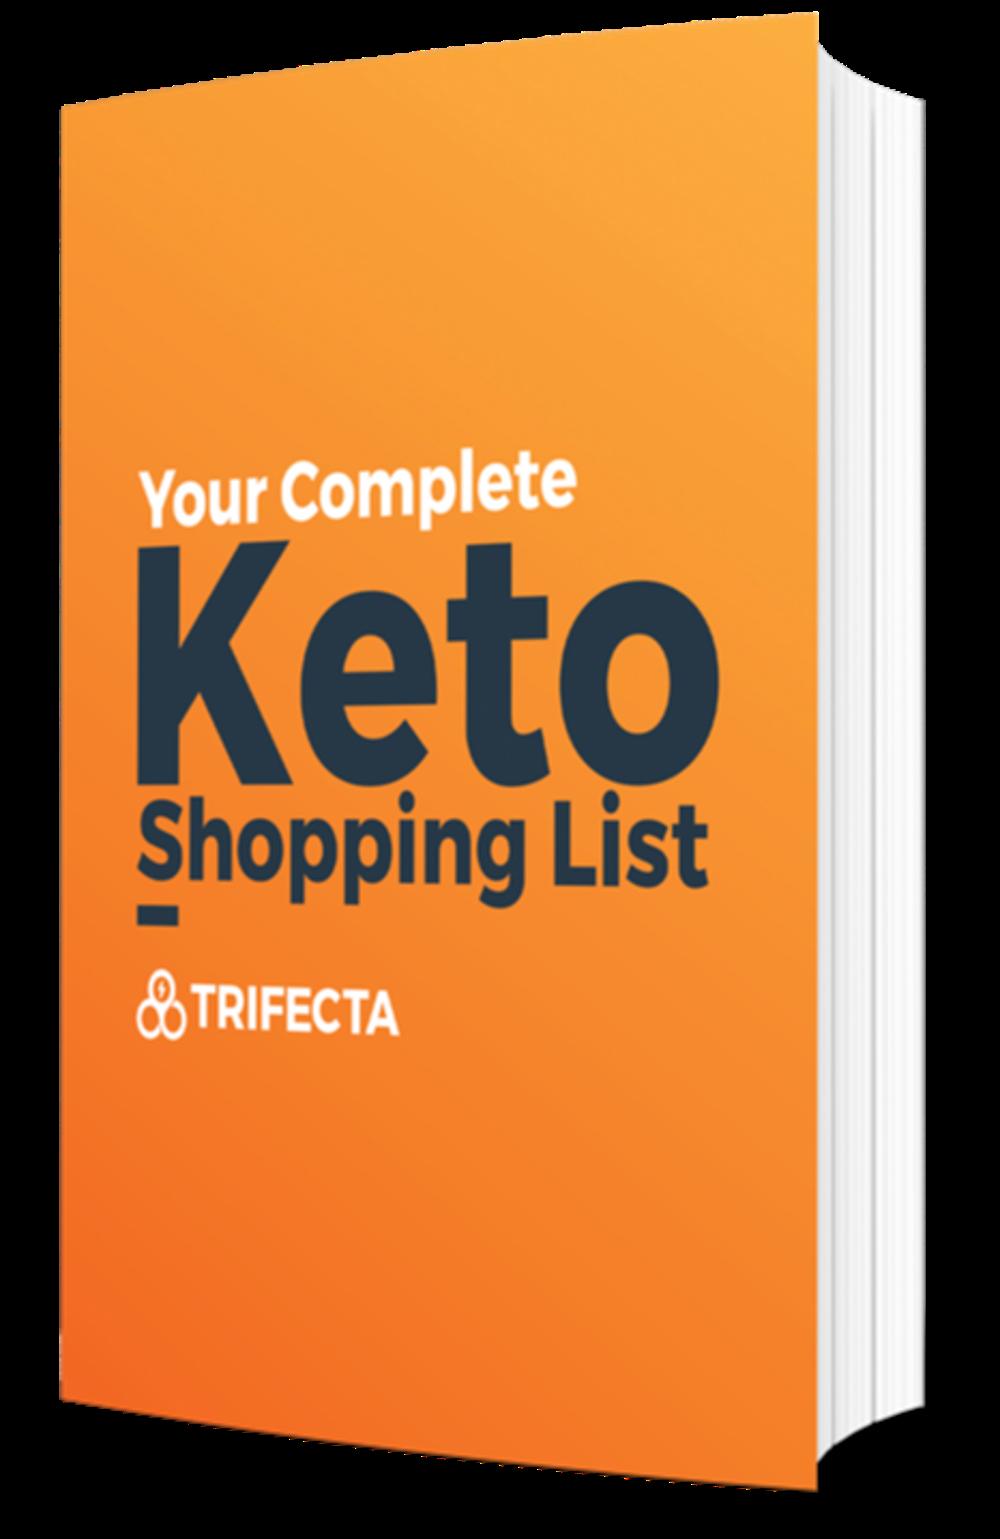 Keto-Shopping-List-Cover-02-775x775-2-1